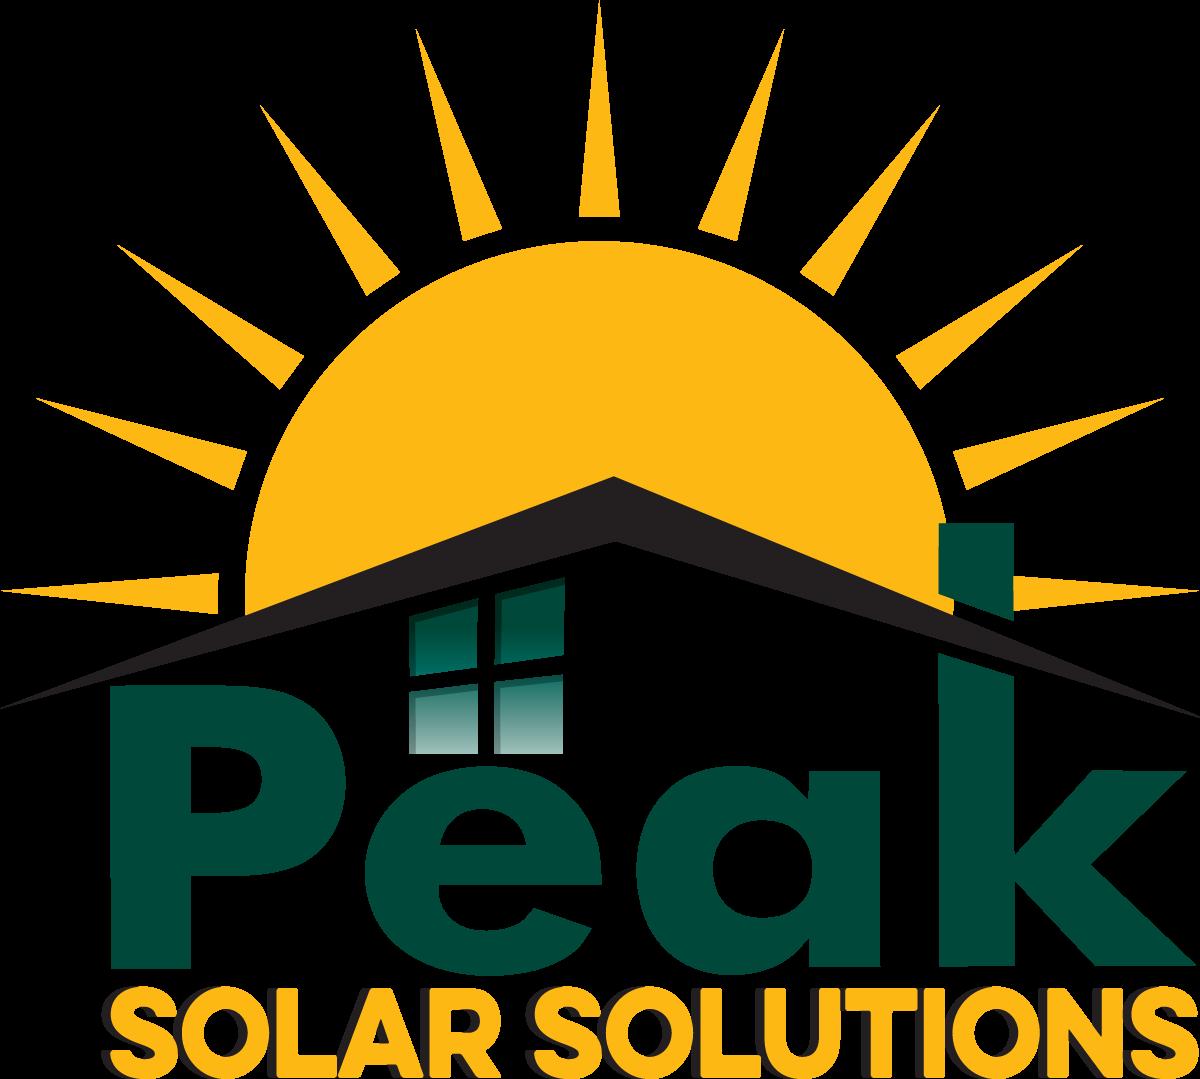 Home Exteriors Vienna Va: Peak Roofing Contractors